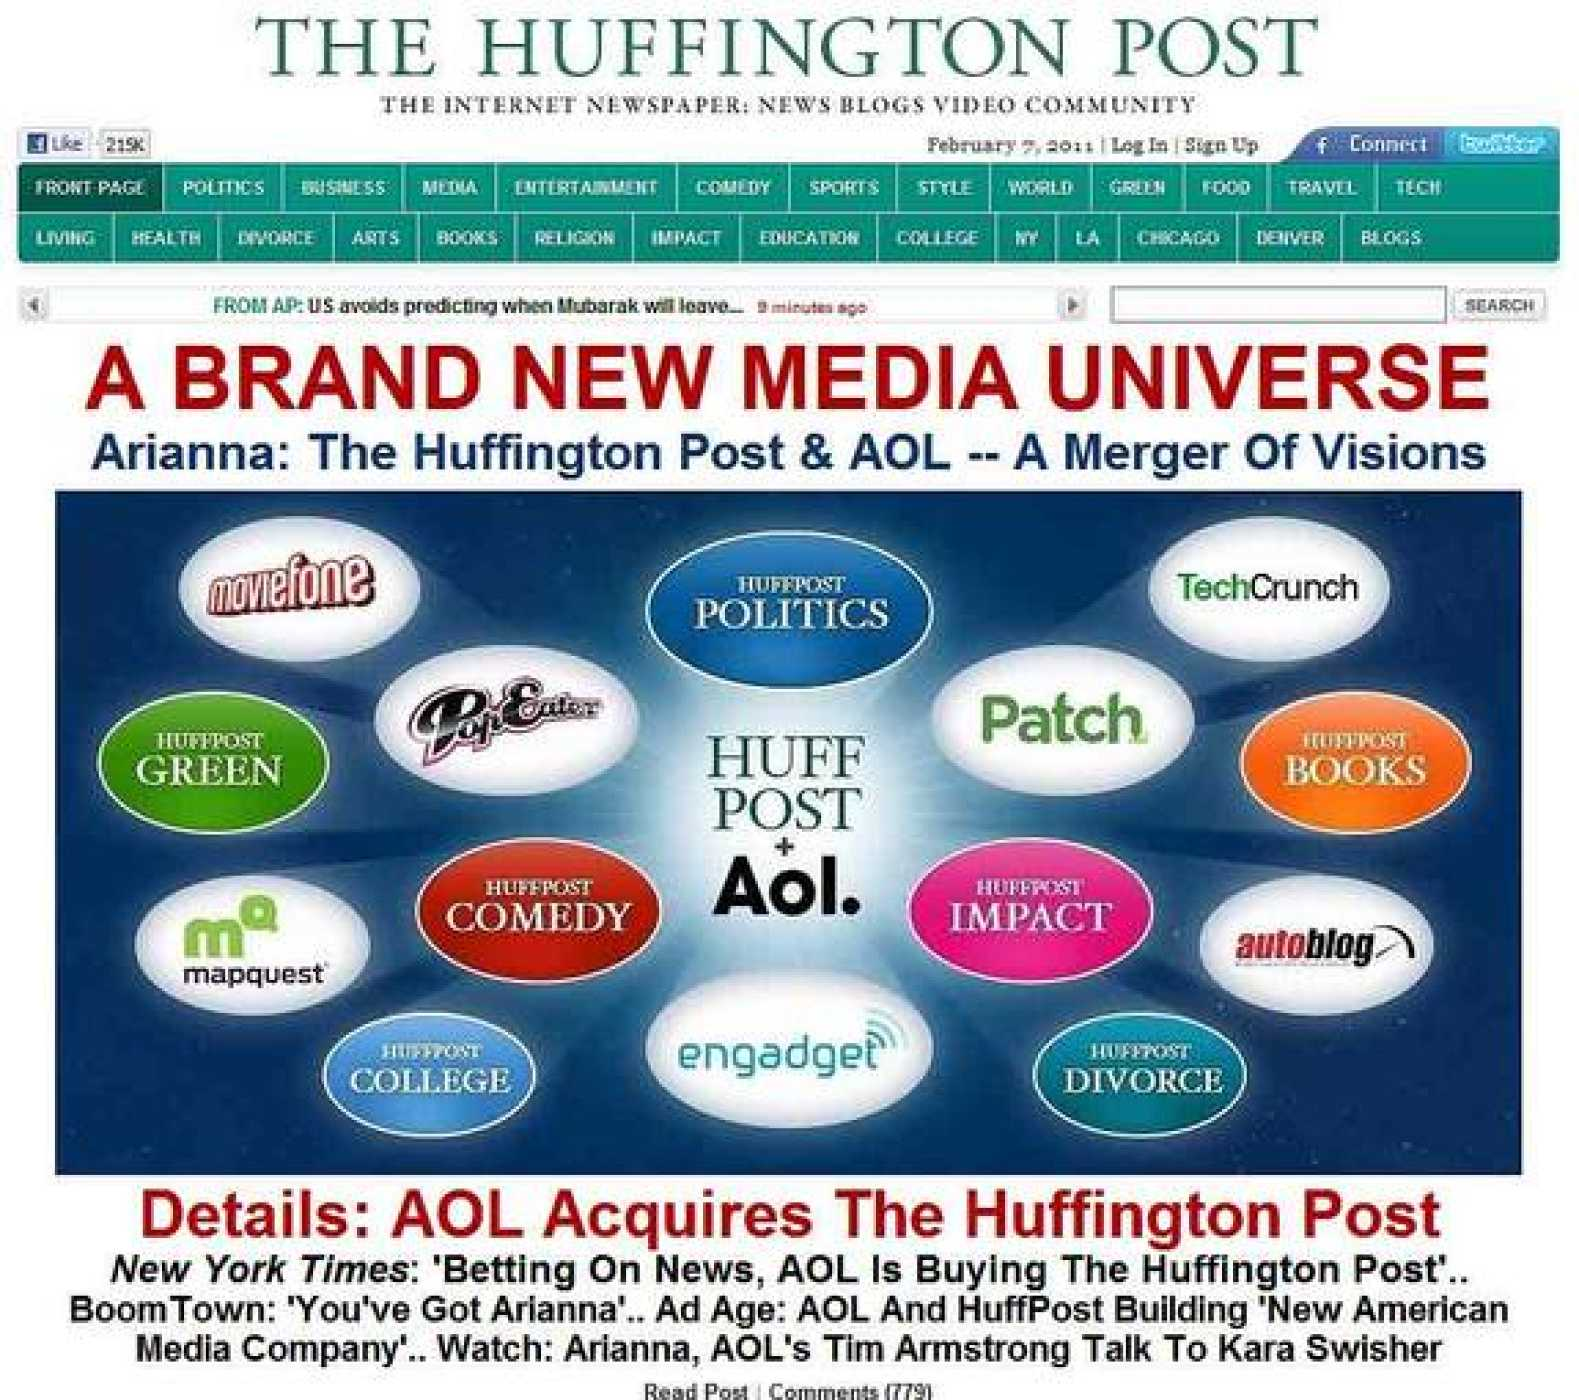 The Huffington Post tiene 25 millones de usuarios únicos mensuales